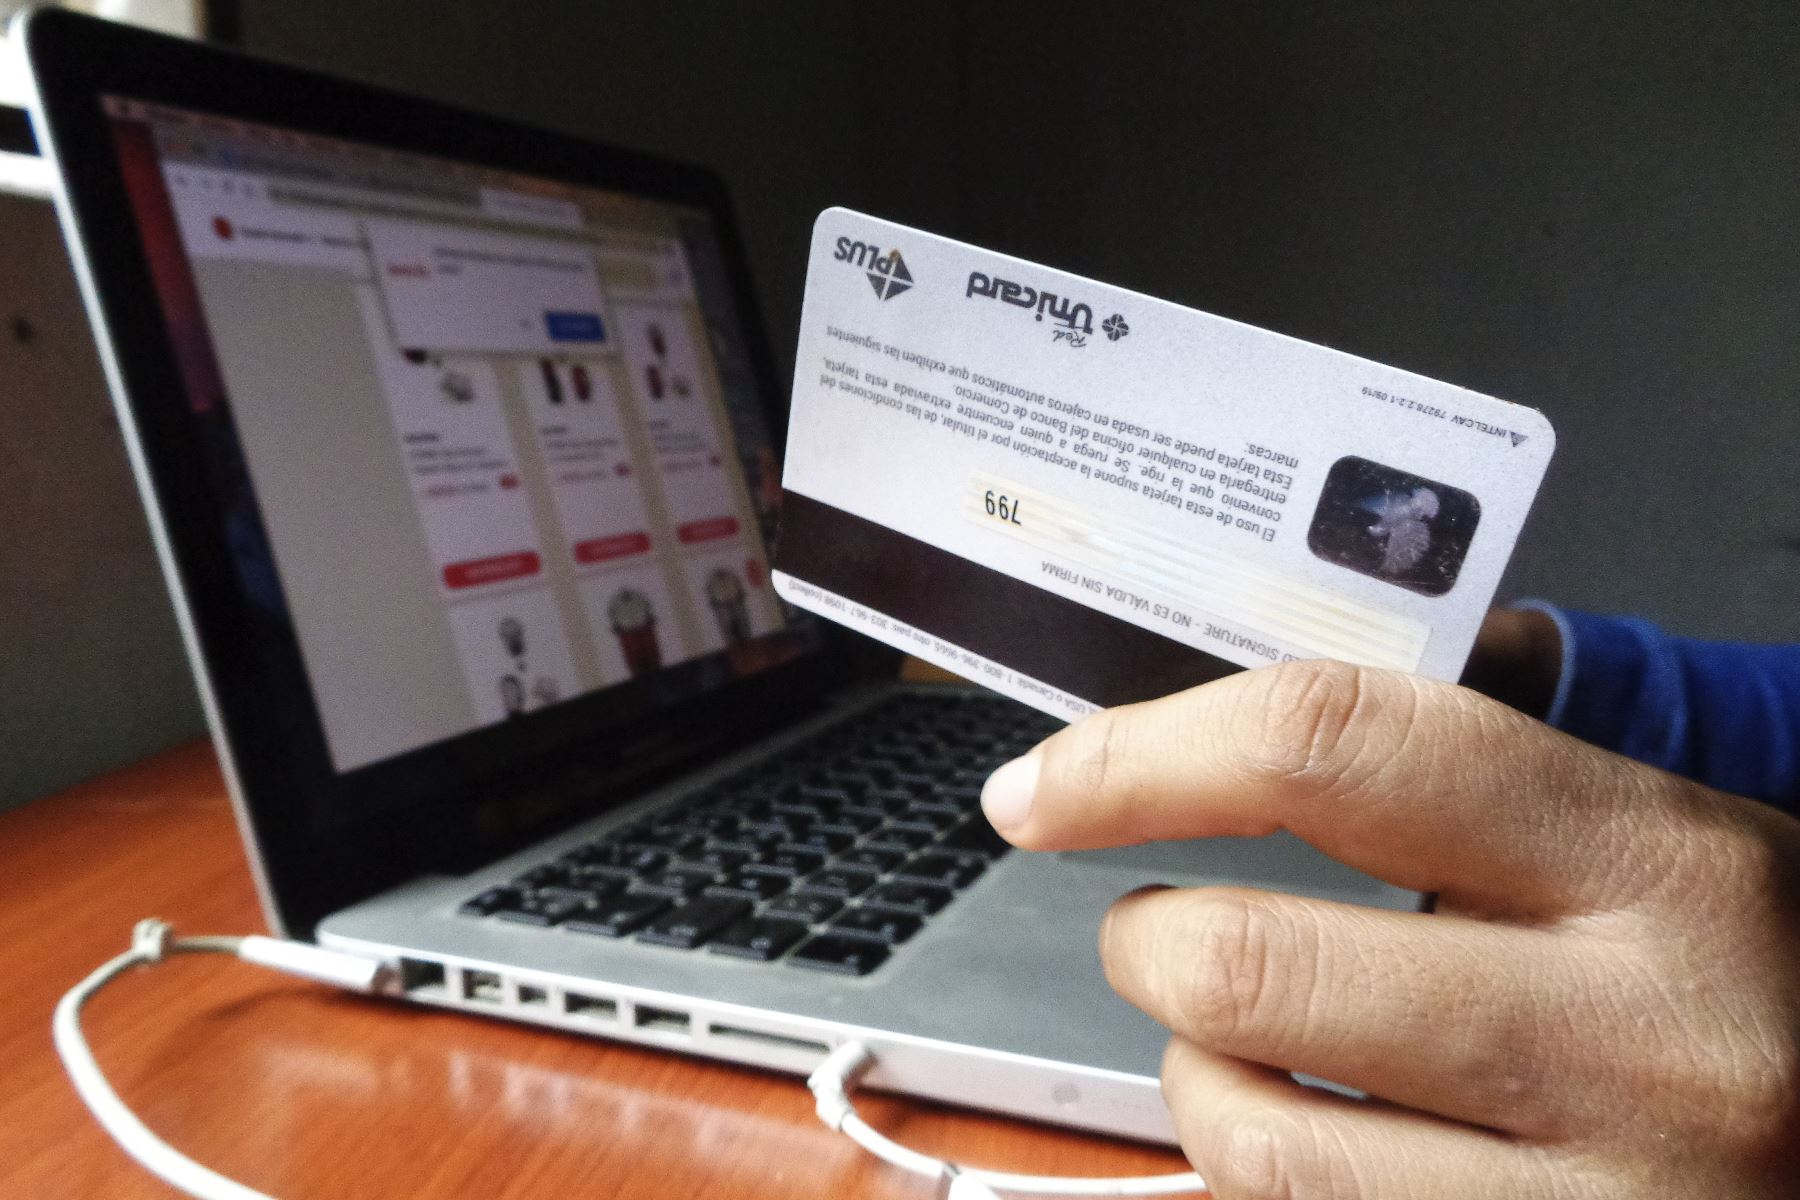 Ahora la búsqueda y la compra de productos y servicios se efectúan con mayor interés en las plataformas digitales. ANDINA/Jhony Laurente